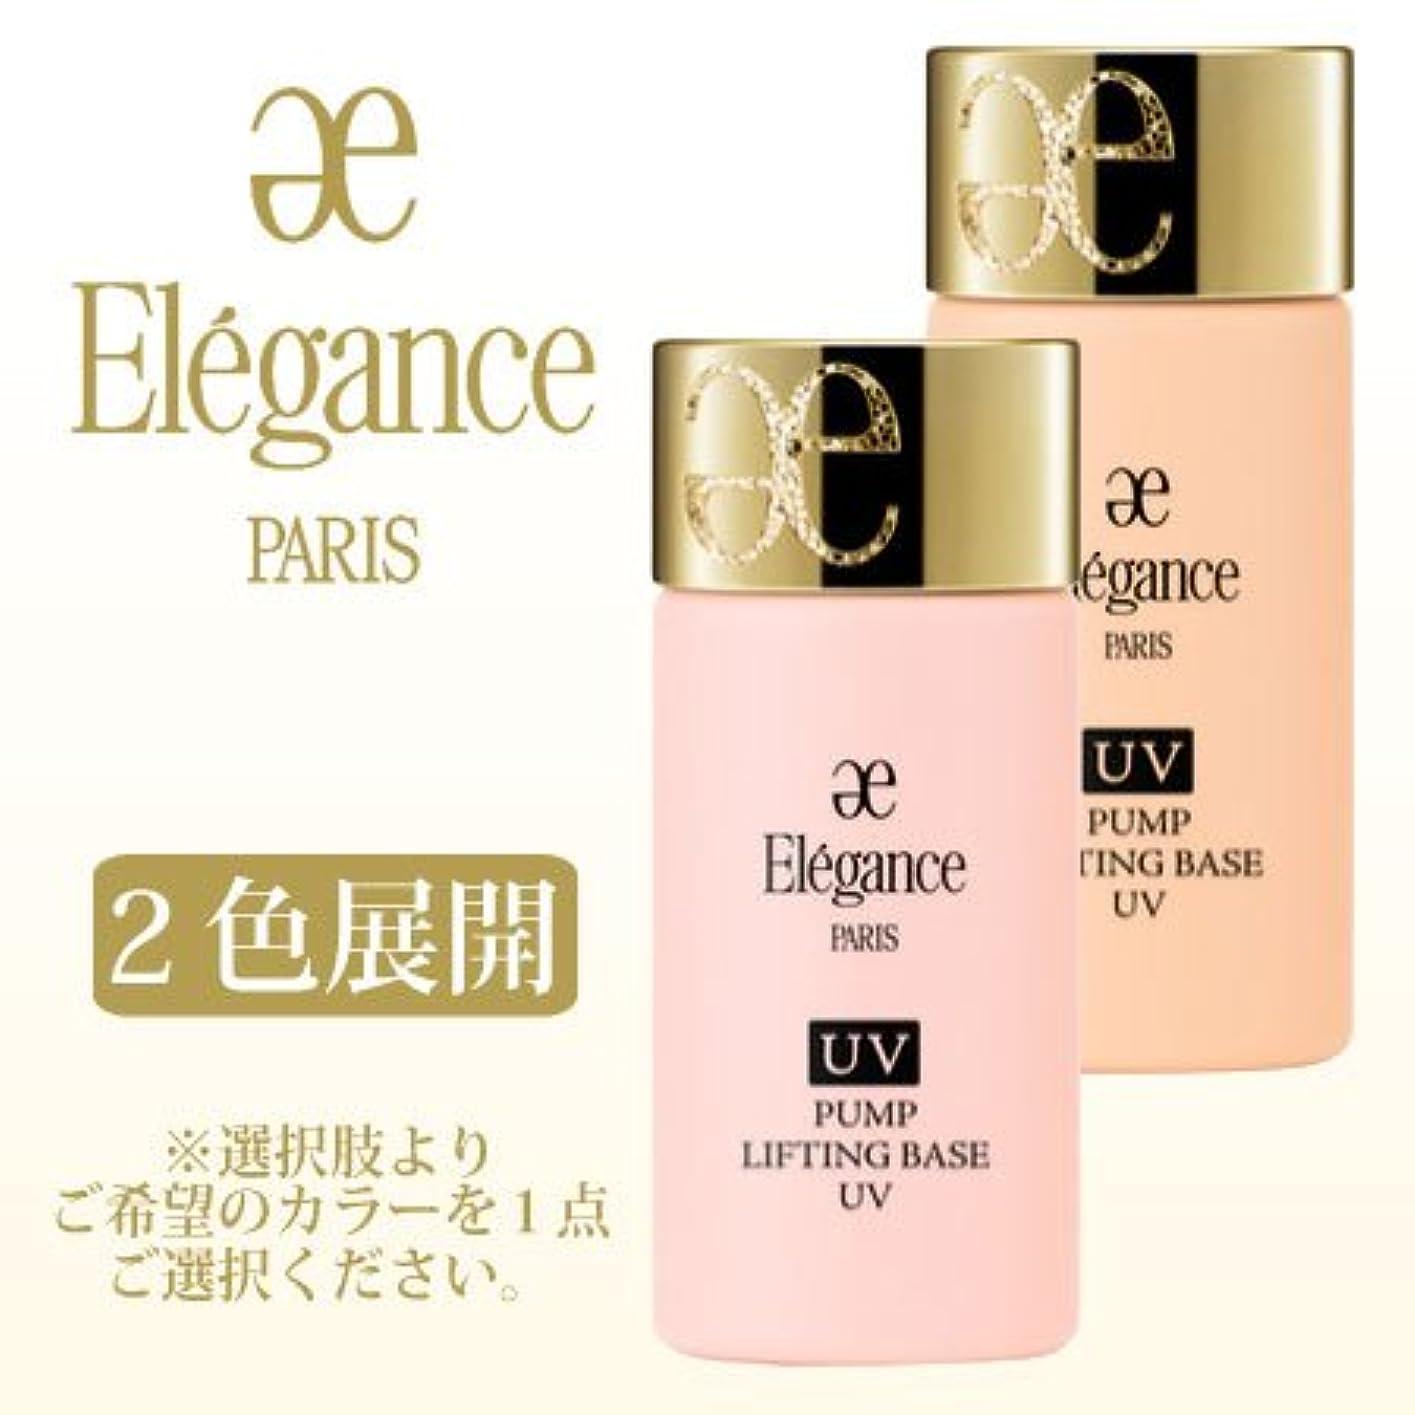 変化講師差し控えるエレガンス パンプリフティング ベース UV 30ml 全2色展開 -ELEGANCE- BE991